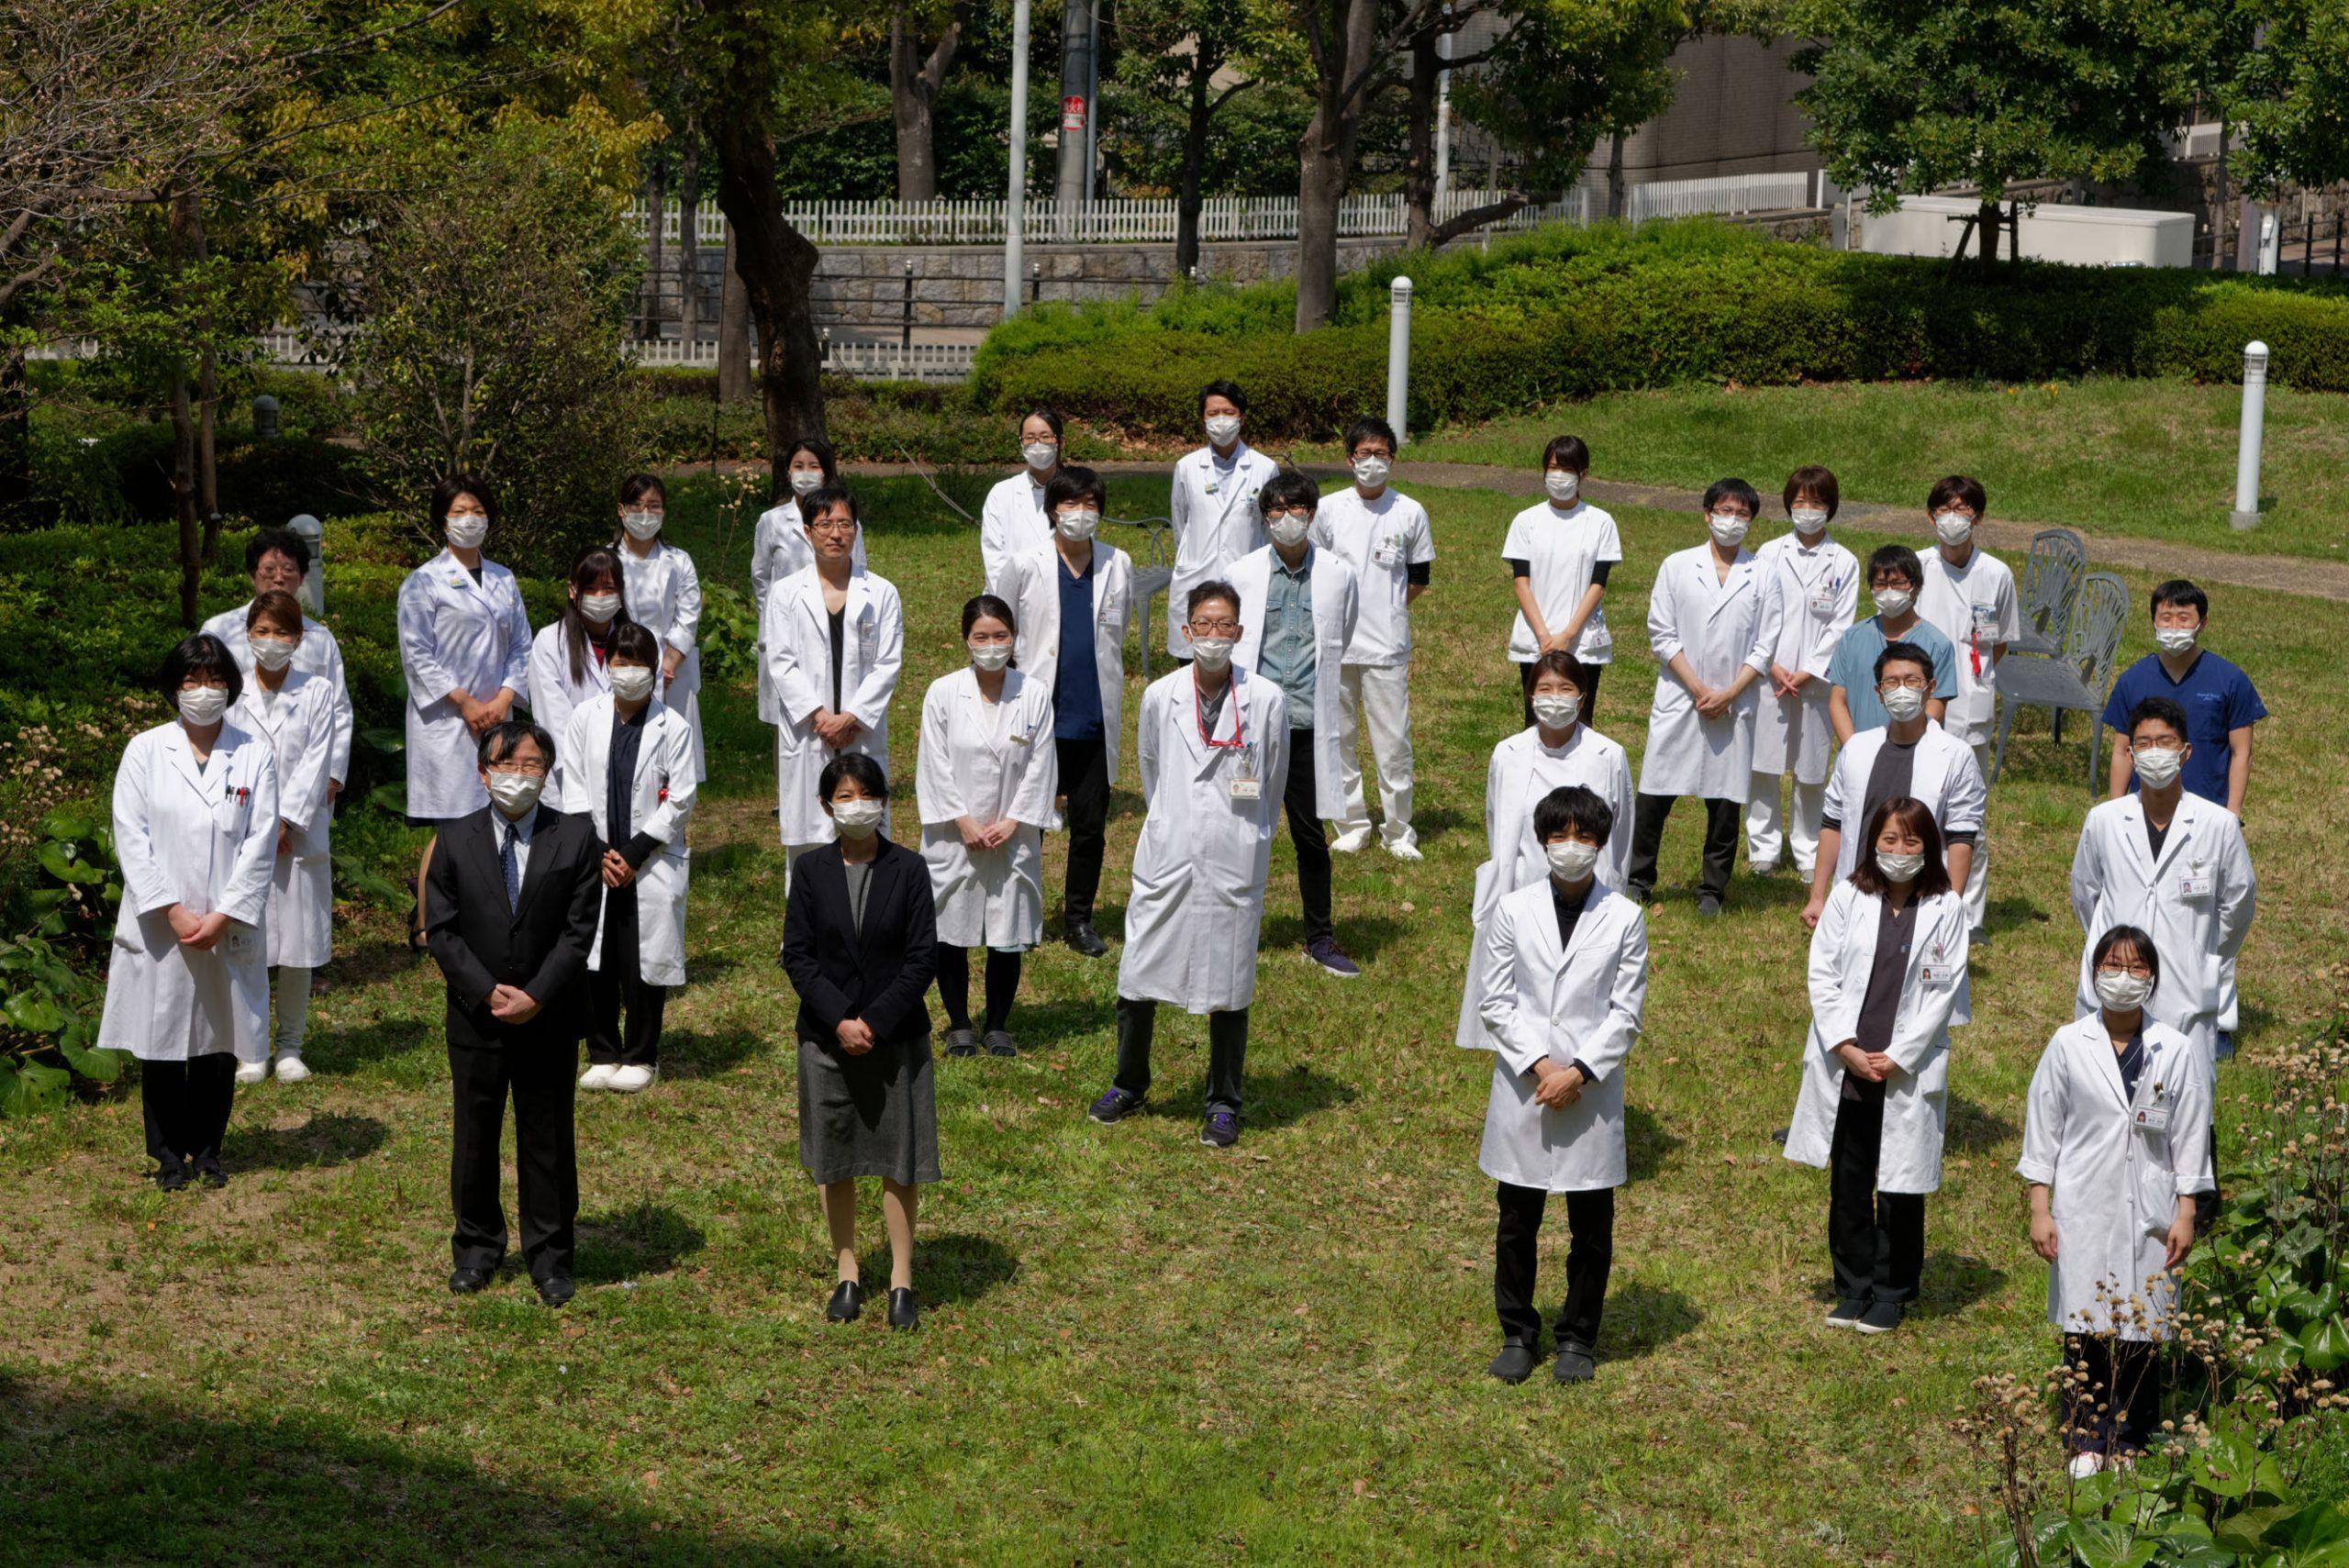 2020年度 医局合同集合写真